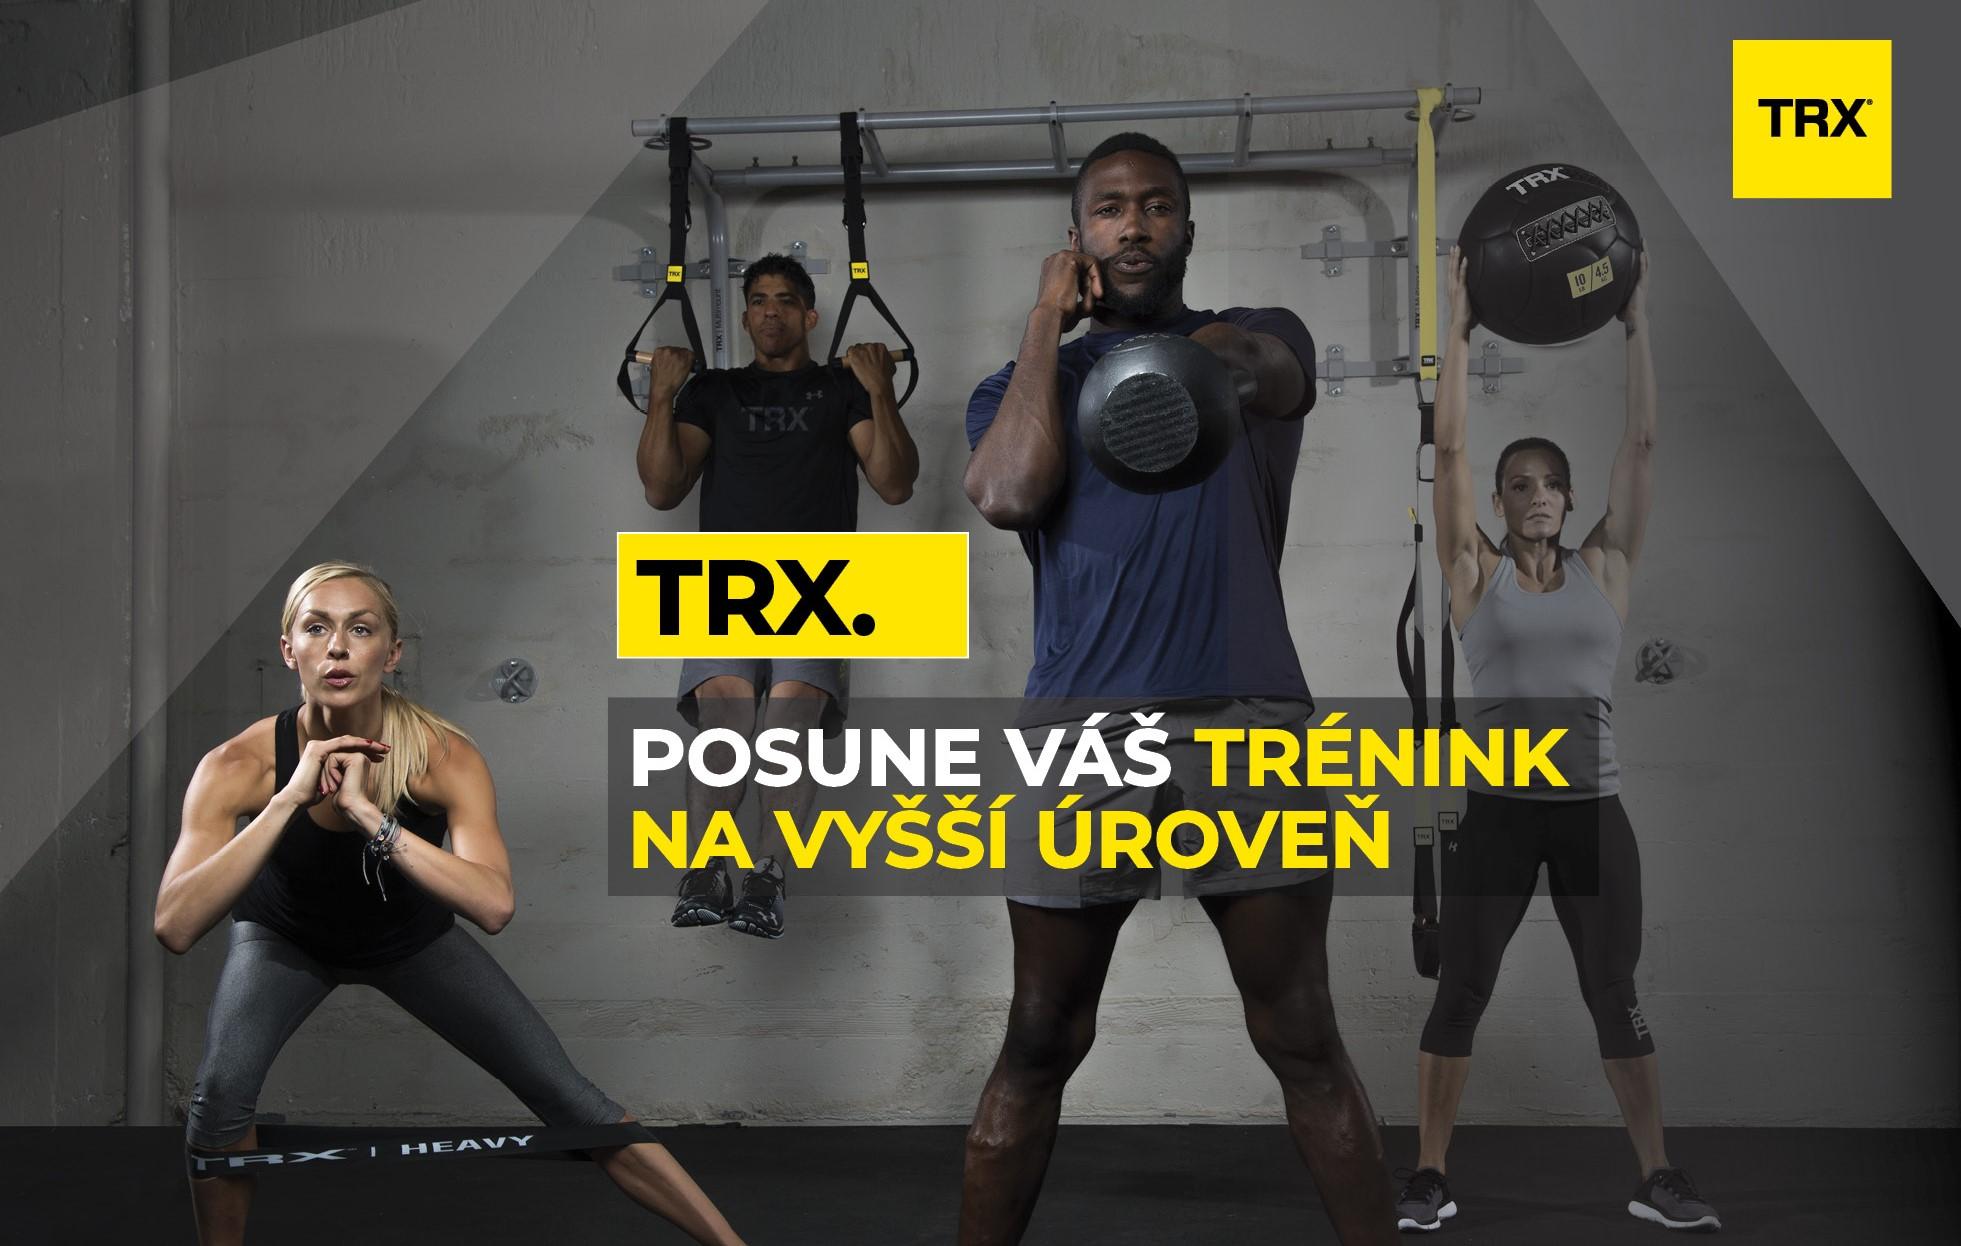 TRX brandový banner